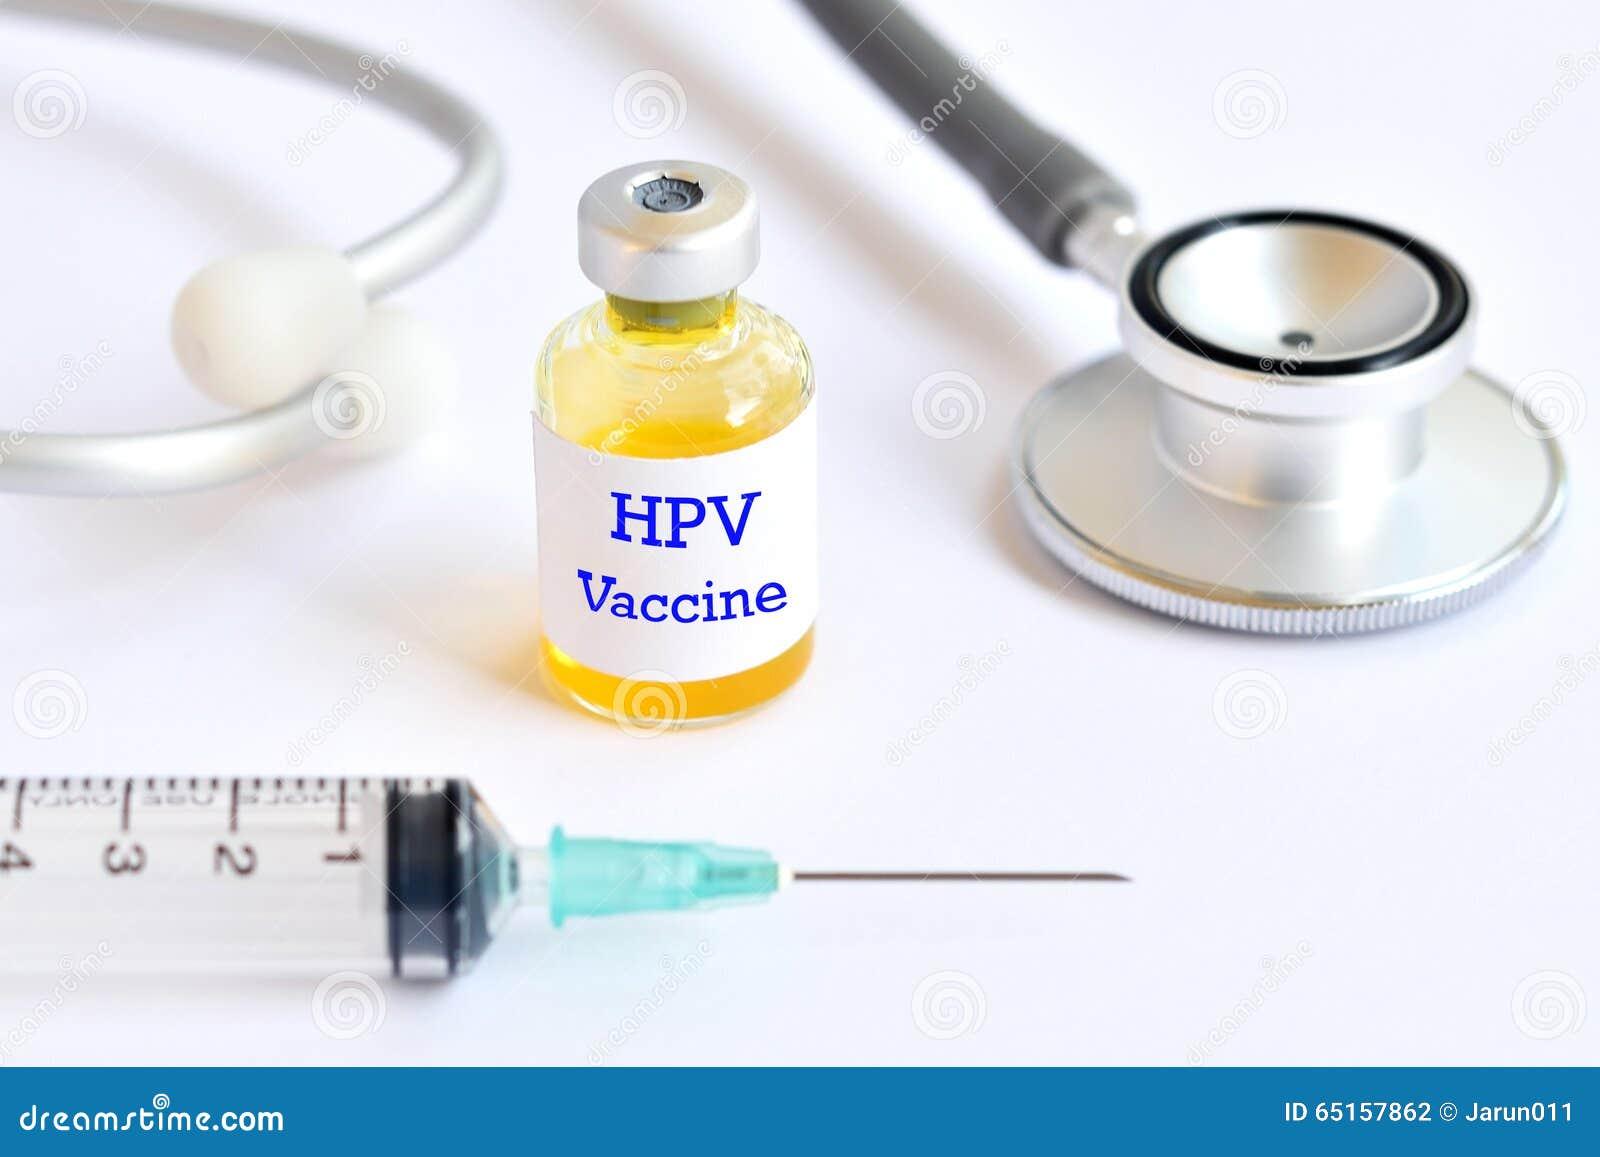 human papillomavirus hpv immunisation